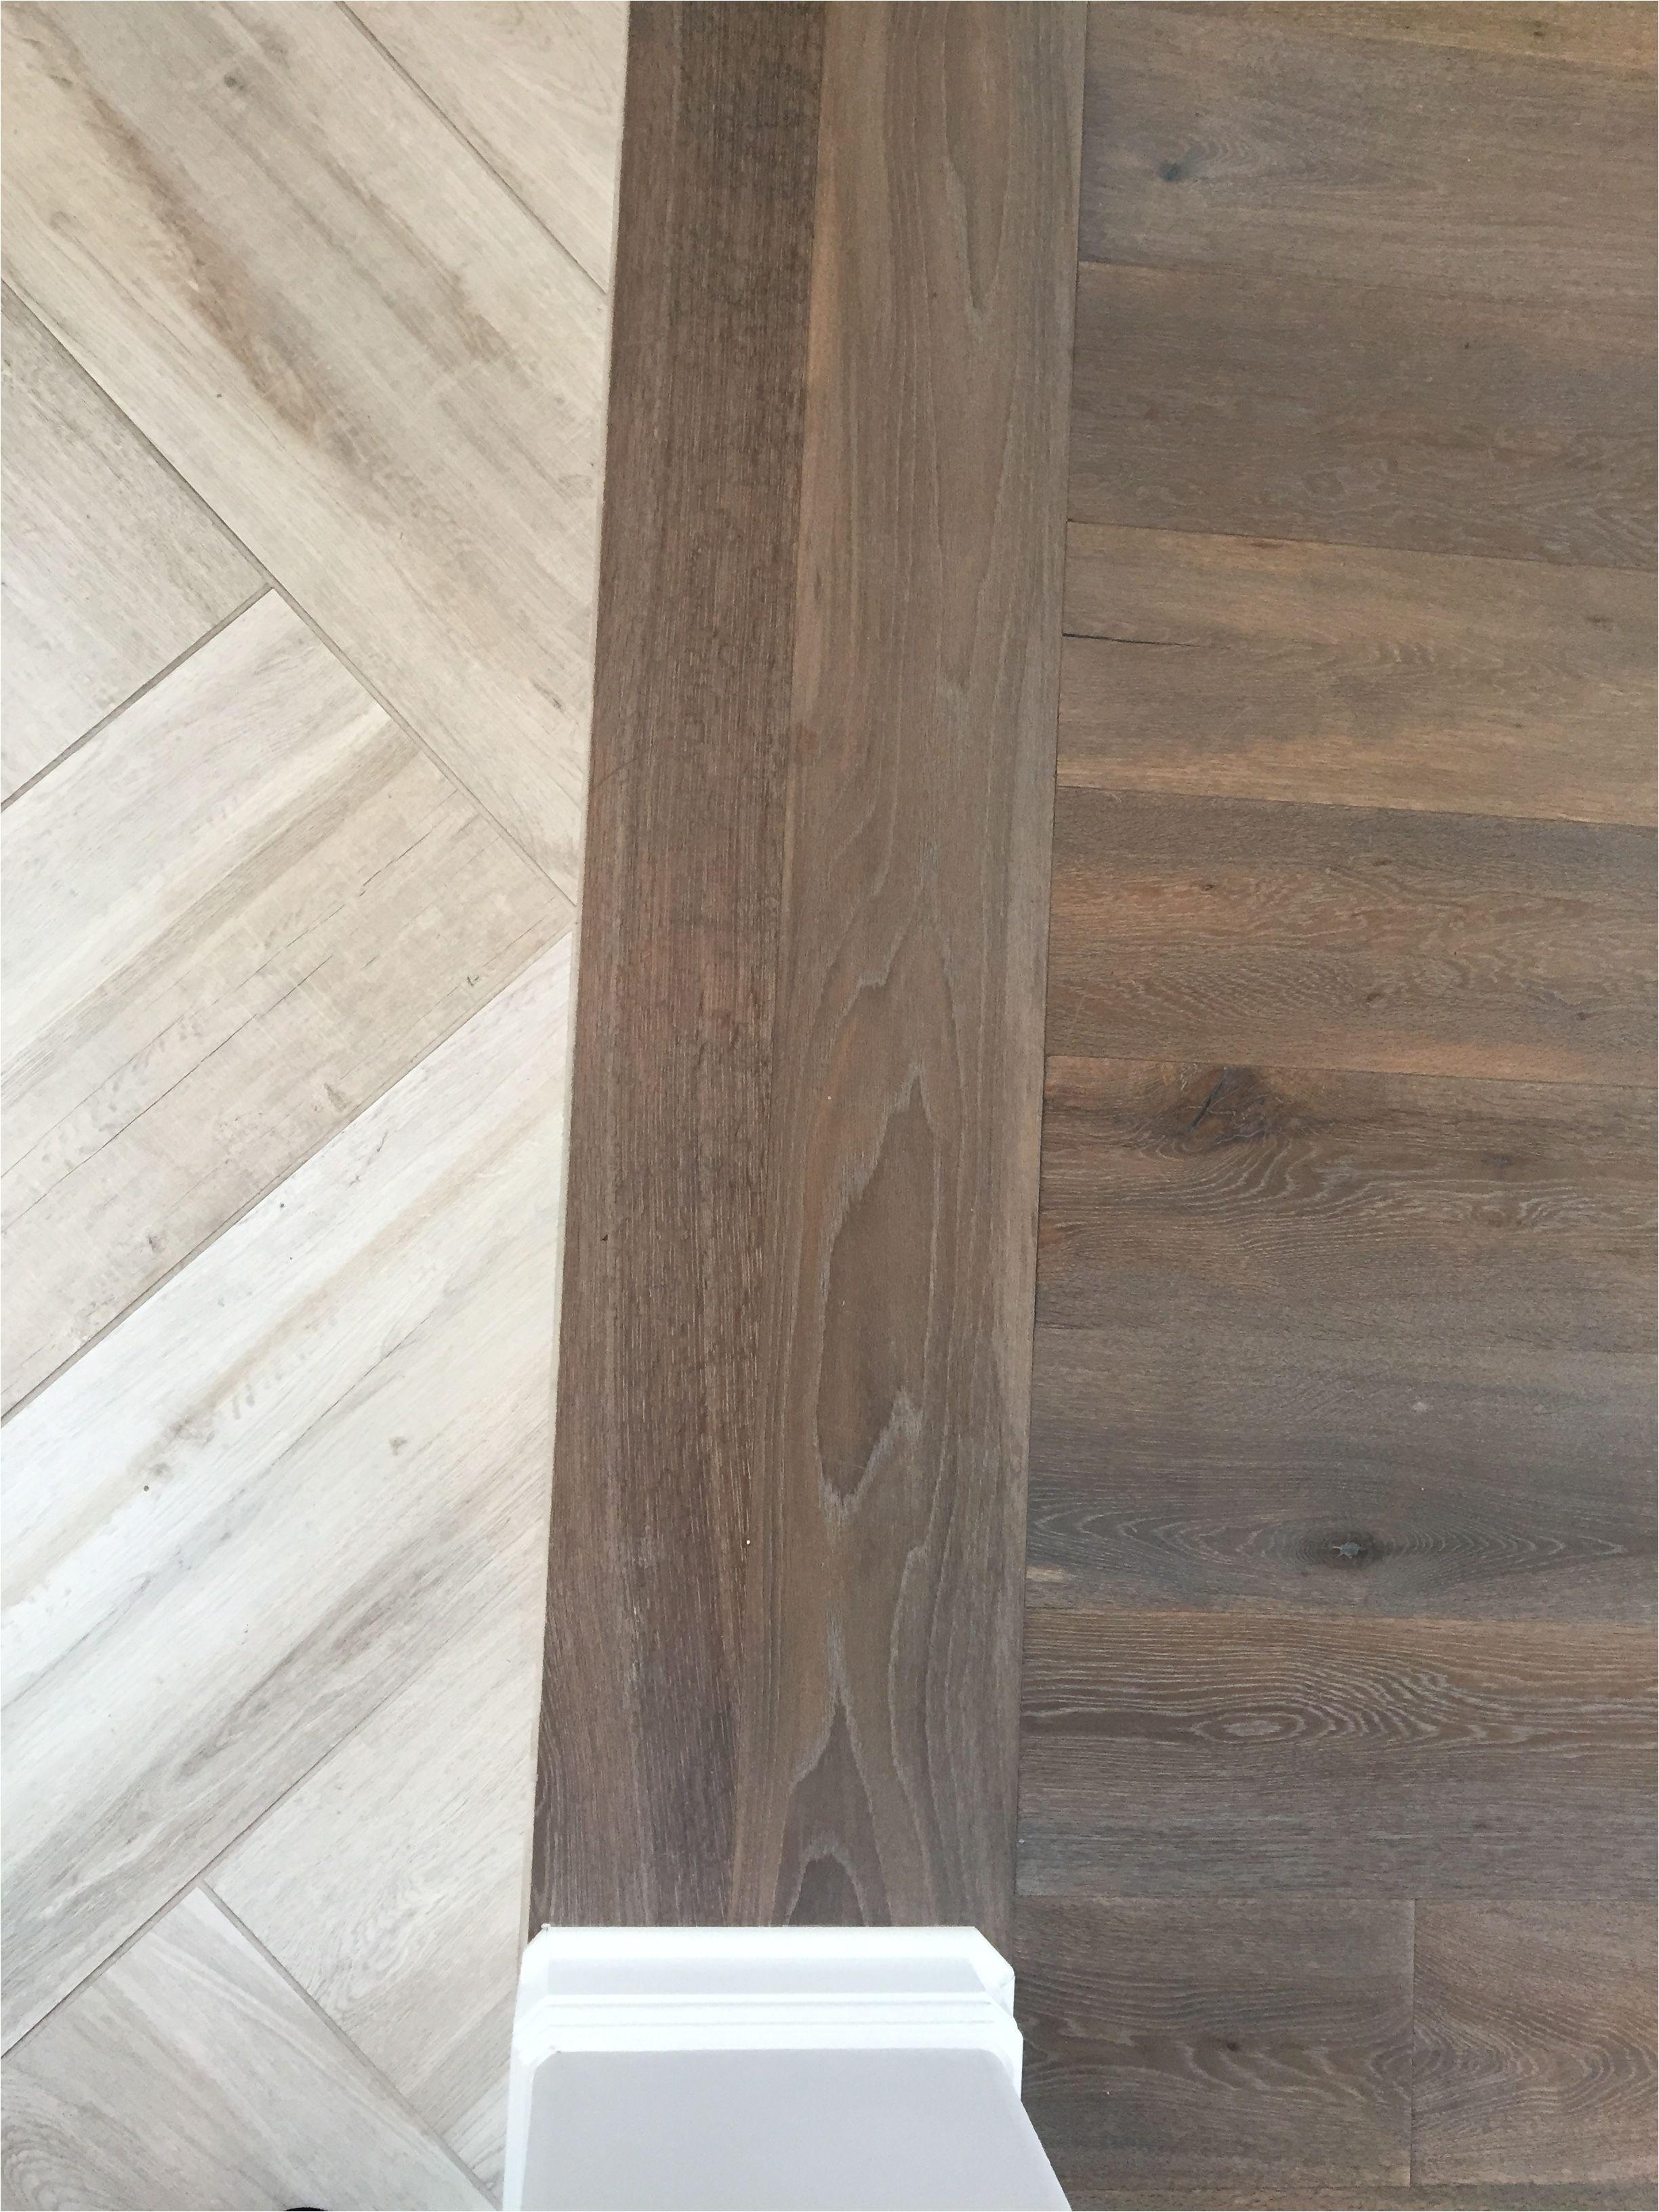 Waterproof Stick Down Flooring Floor Transition Laminate to Herringbone Tile Pattern Model